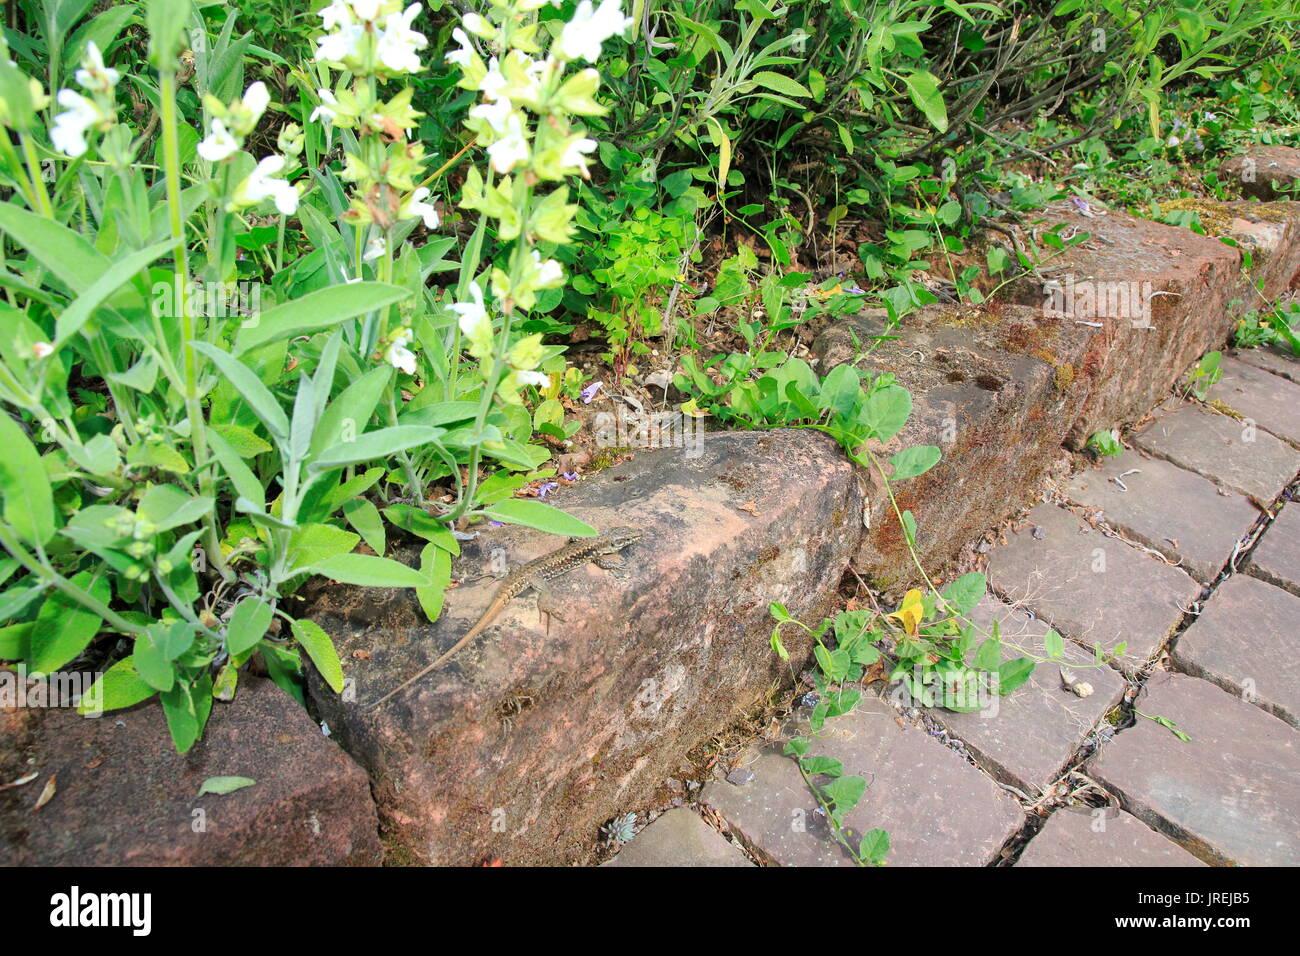 Ruineneidechse, Mauereidechse, Podarcis Siculus Eidechse Im Garten Im Blumen  Beet   Stock Image